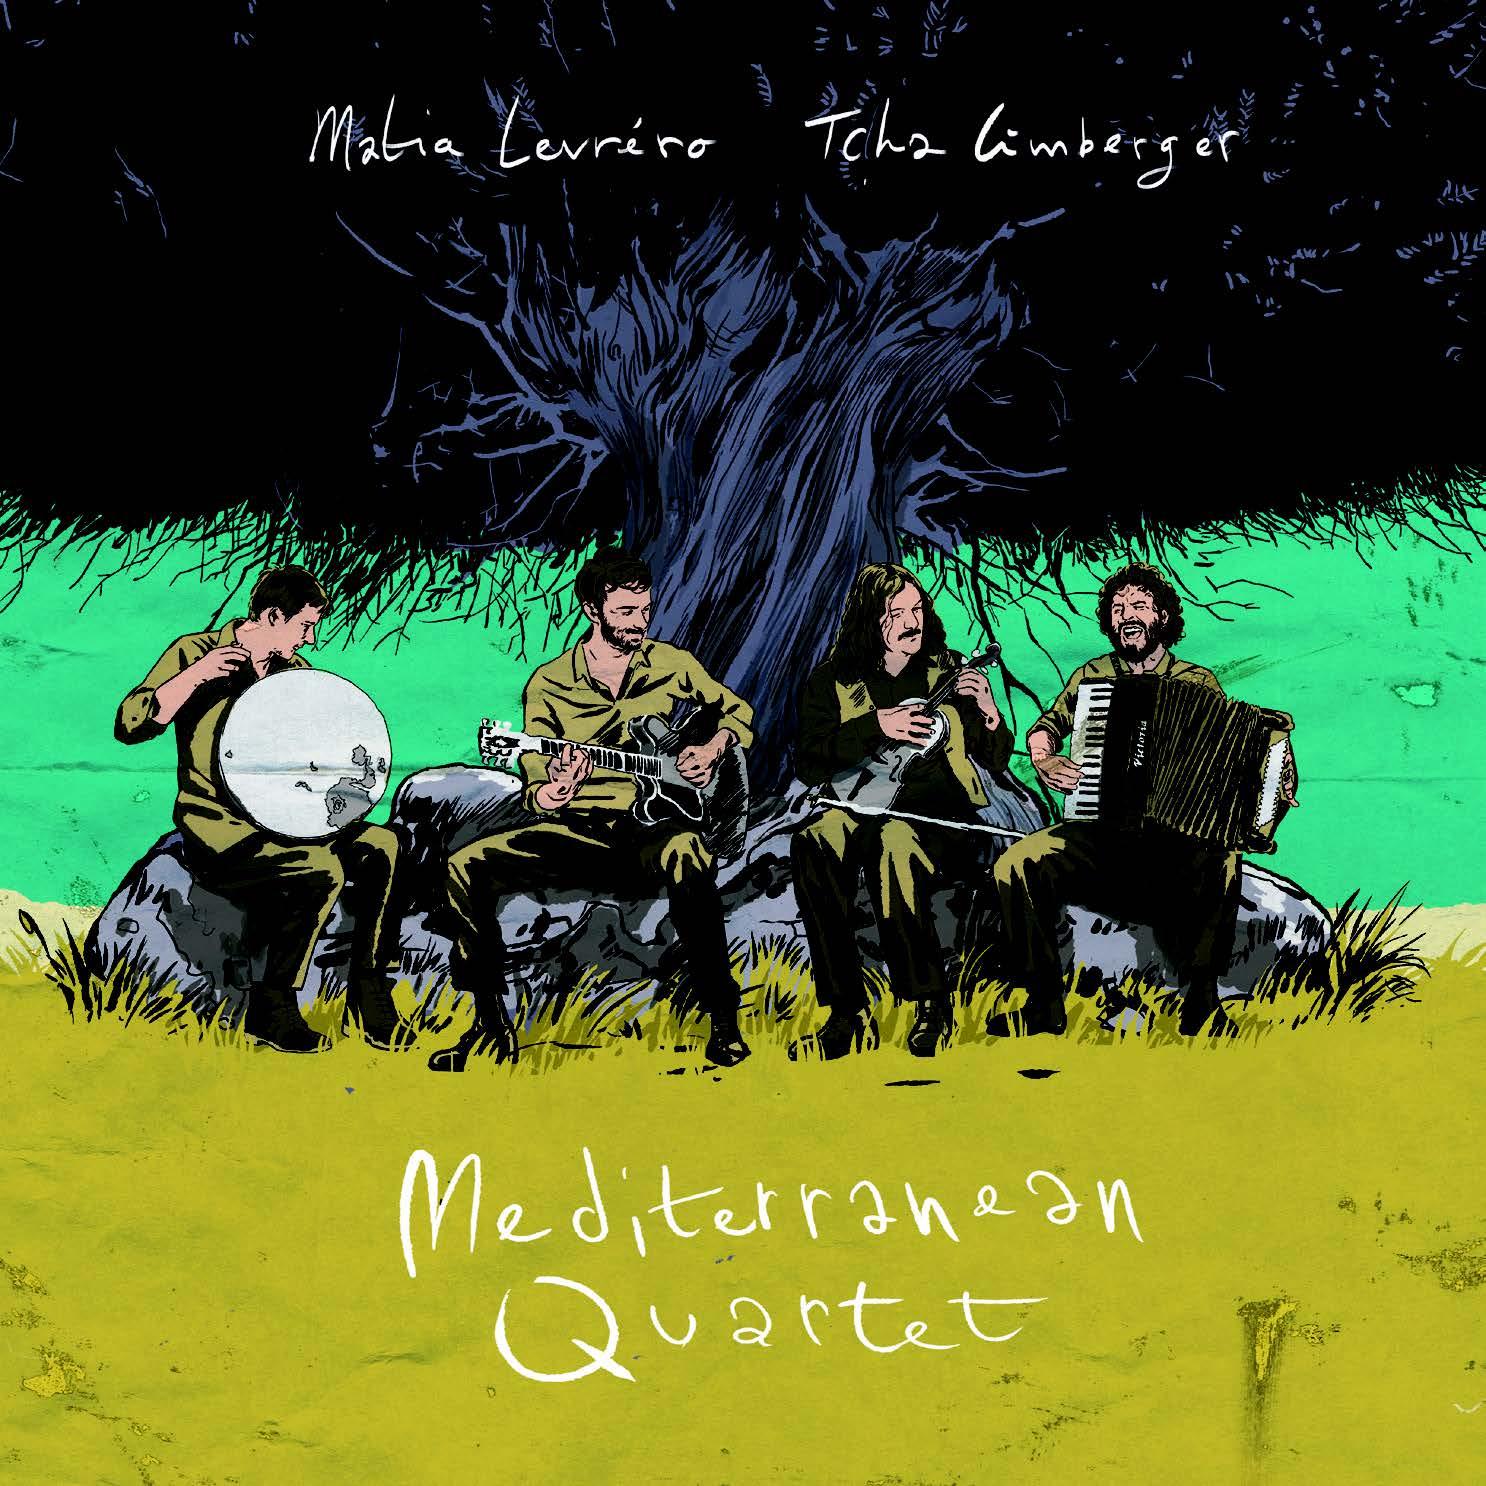 Matia Levréro & Tcha Limberger Mediterranean Quartet